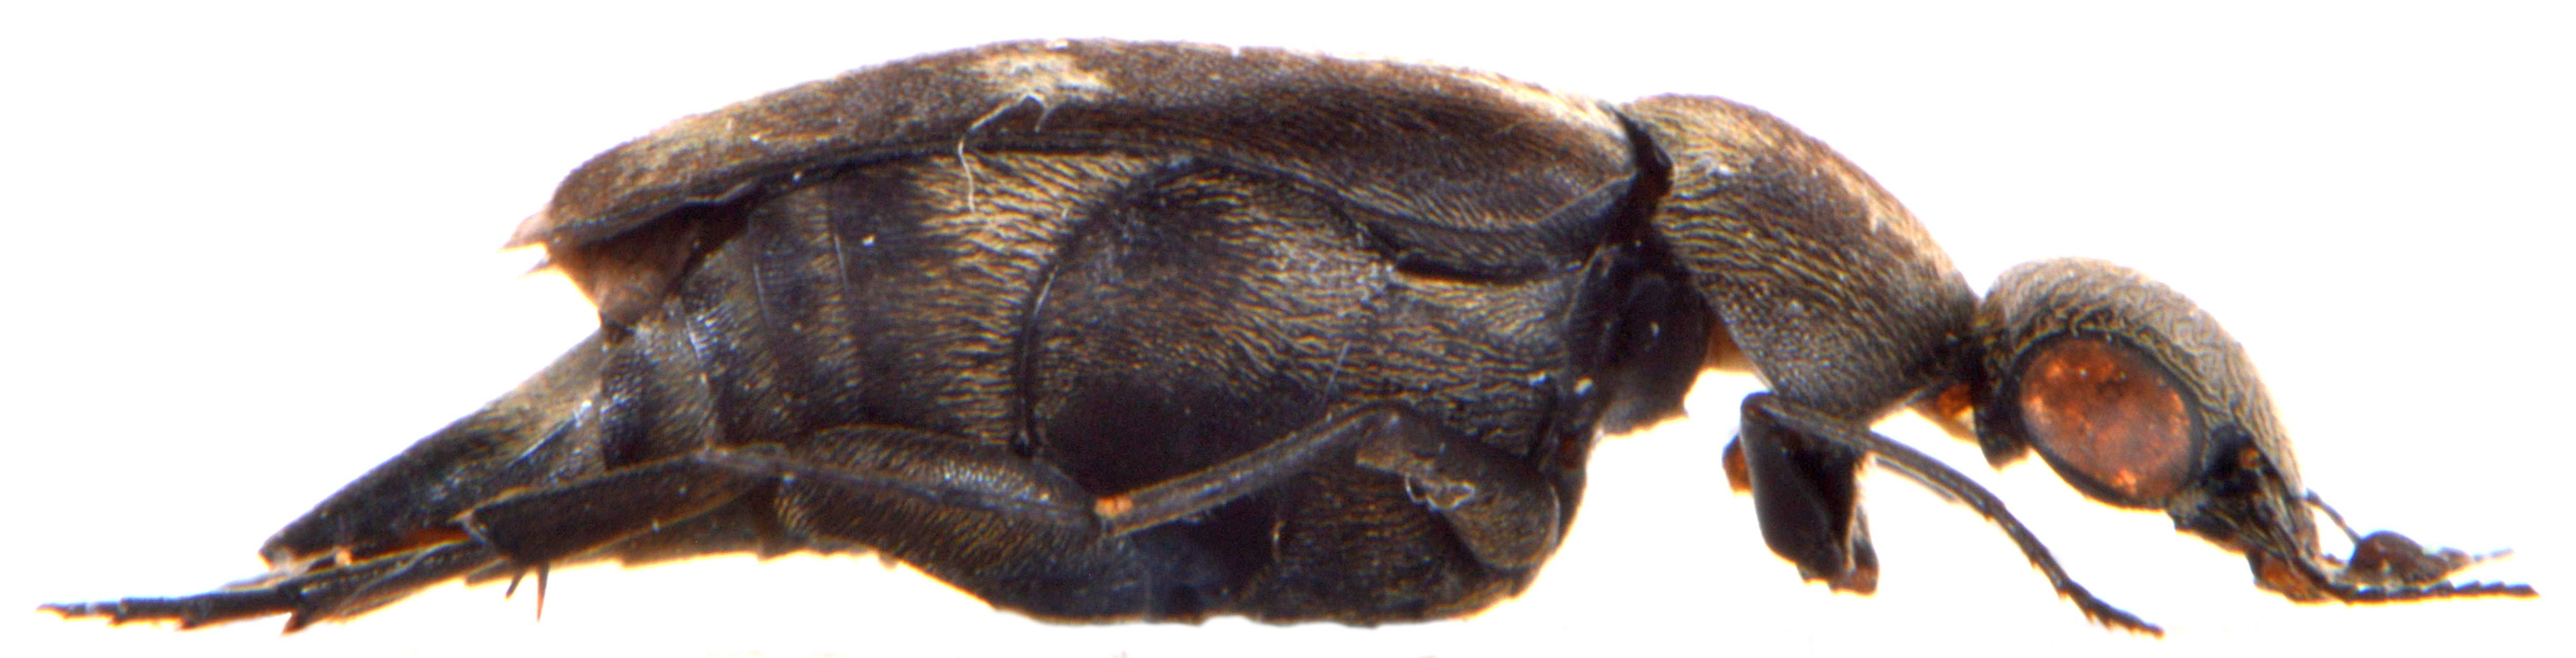 Tomoxia bucephala 5